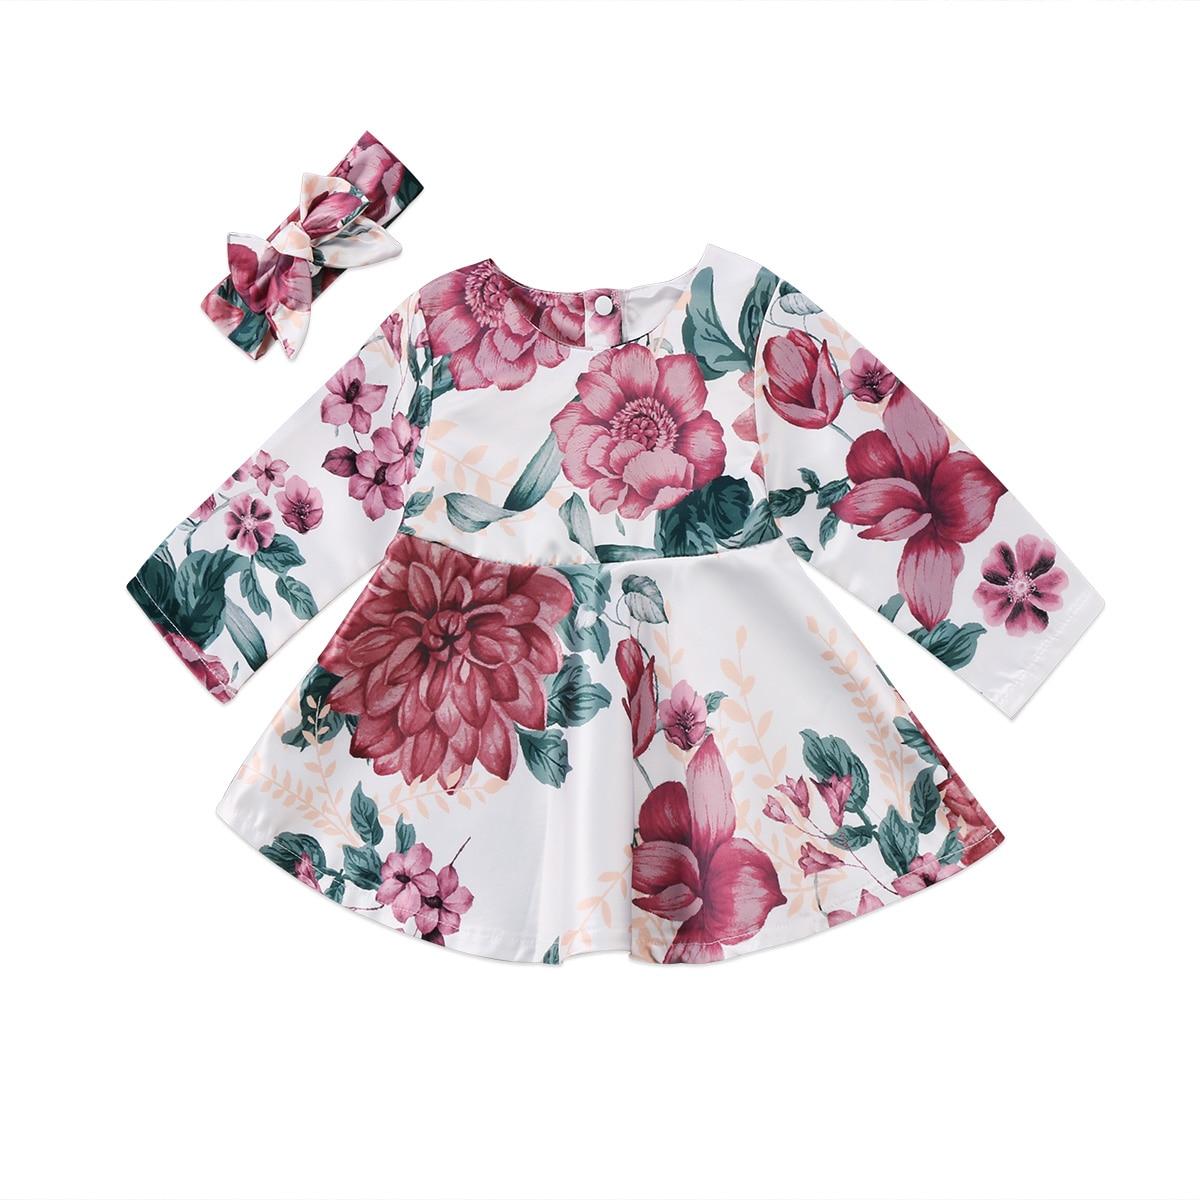 Robe florale pour bébés filles | Tenue de fête, manches longues, Mini robes Tutu, vêtements pour petites filles de 0-2 ans